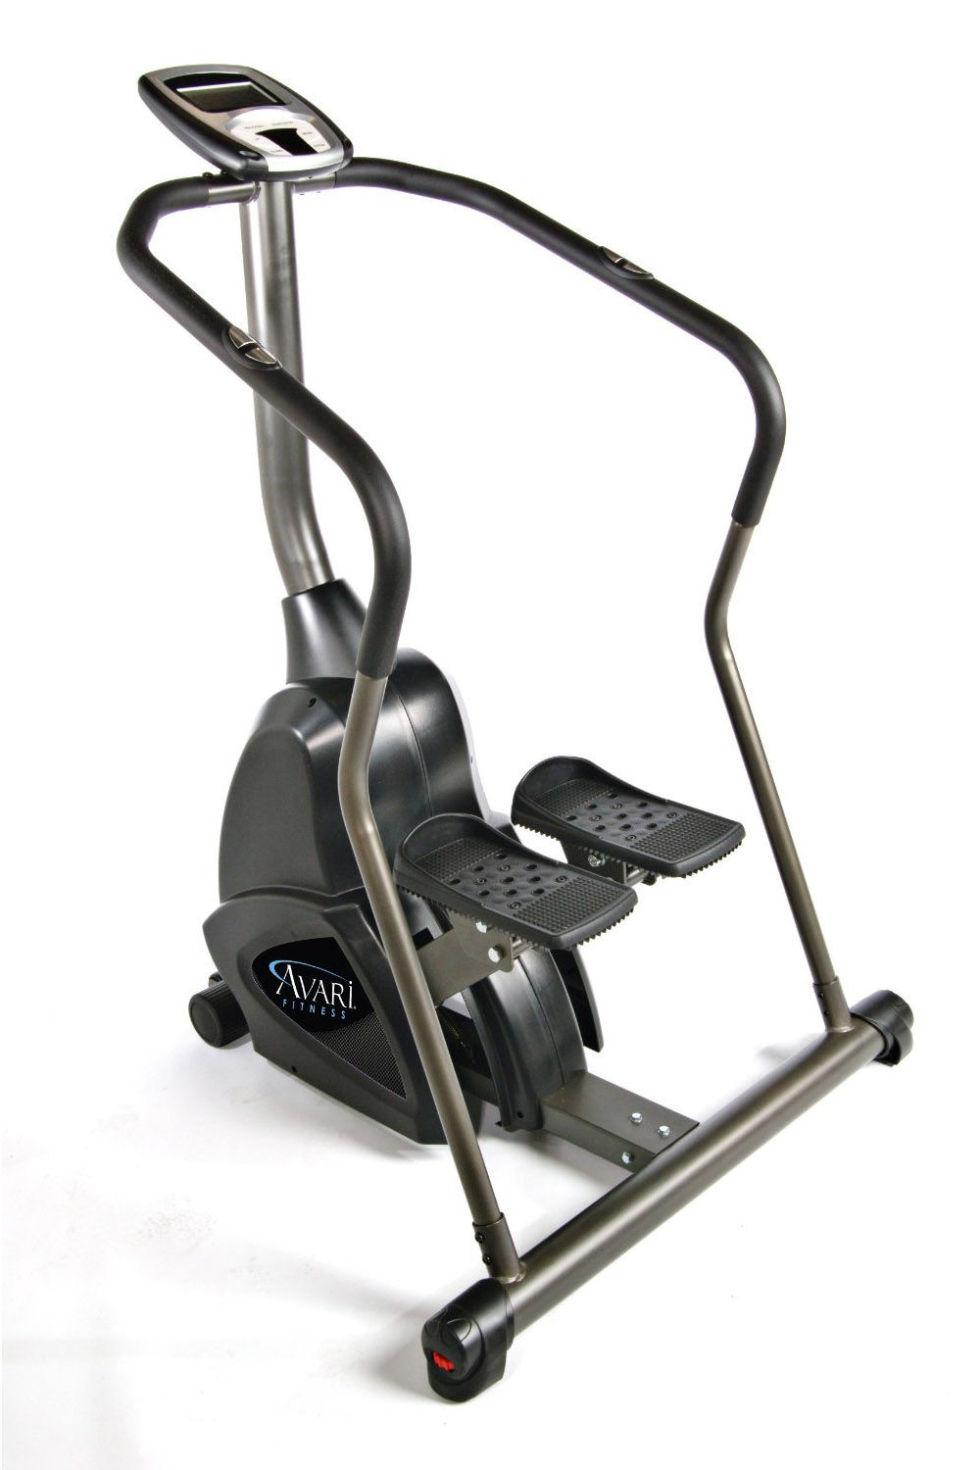 Stair Climber Machine Workout Blog Dandk